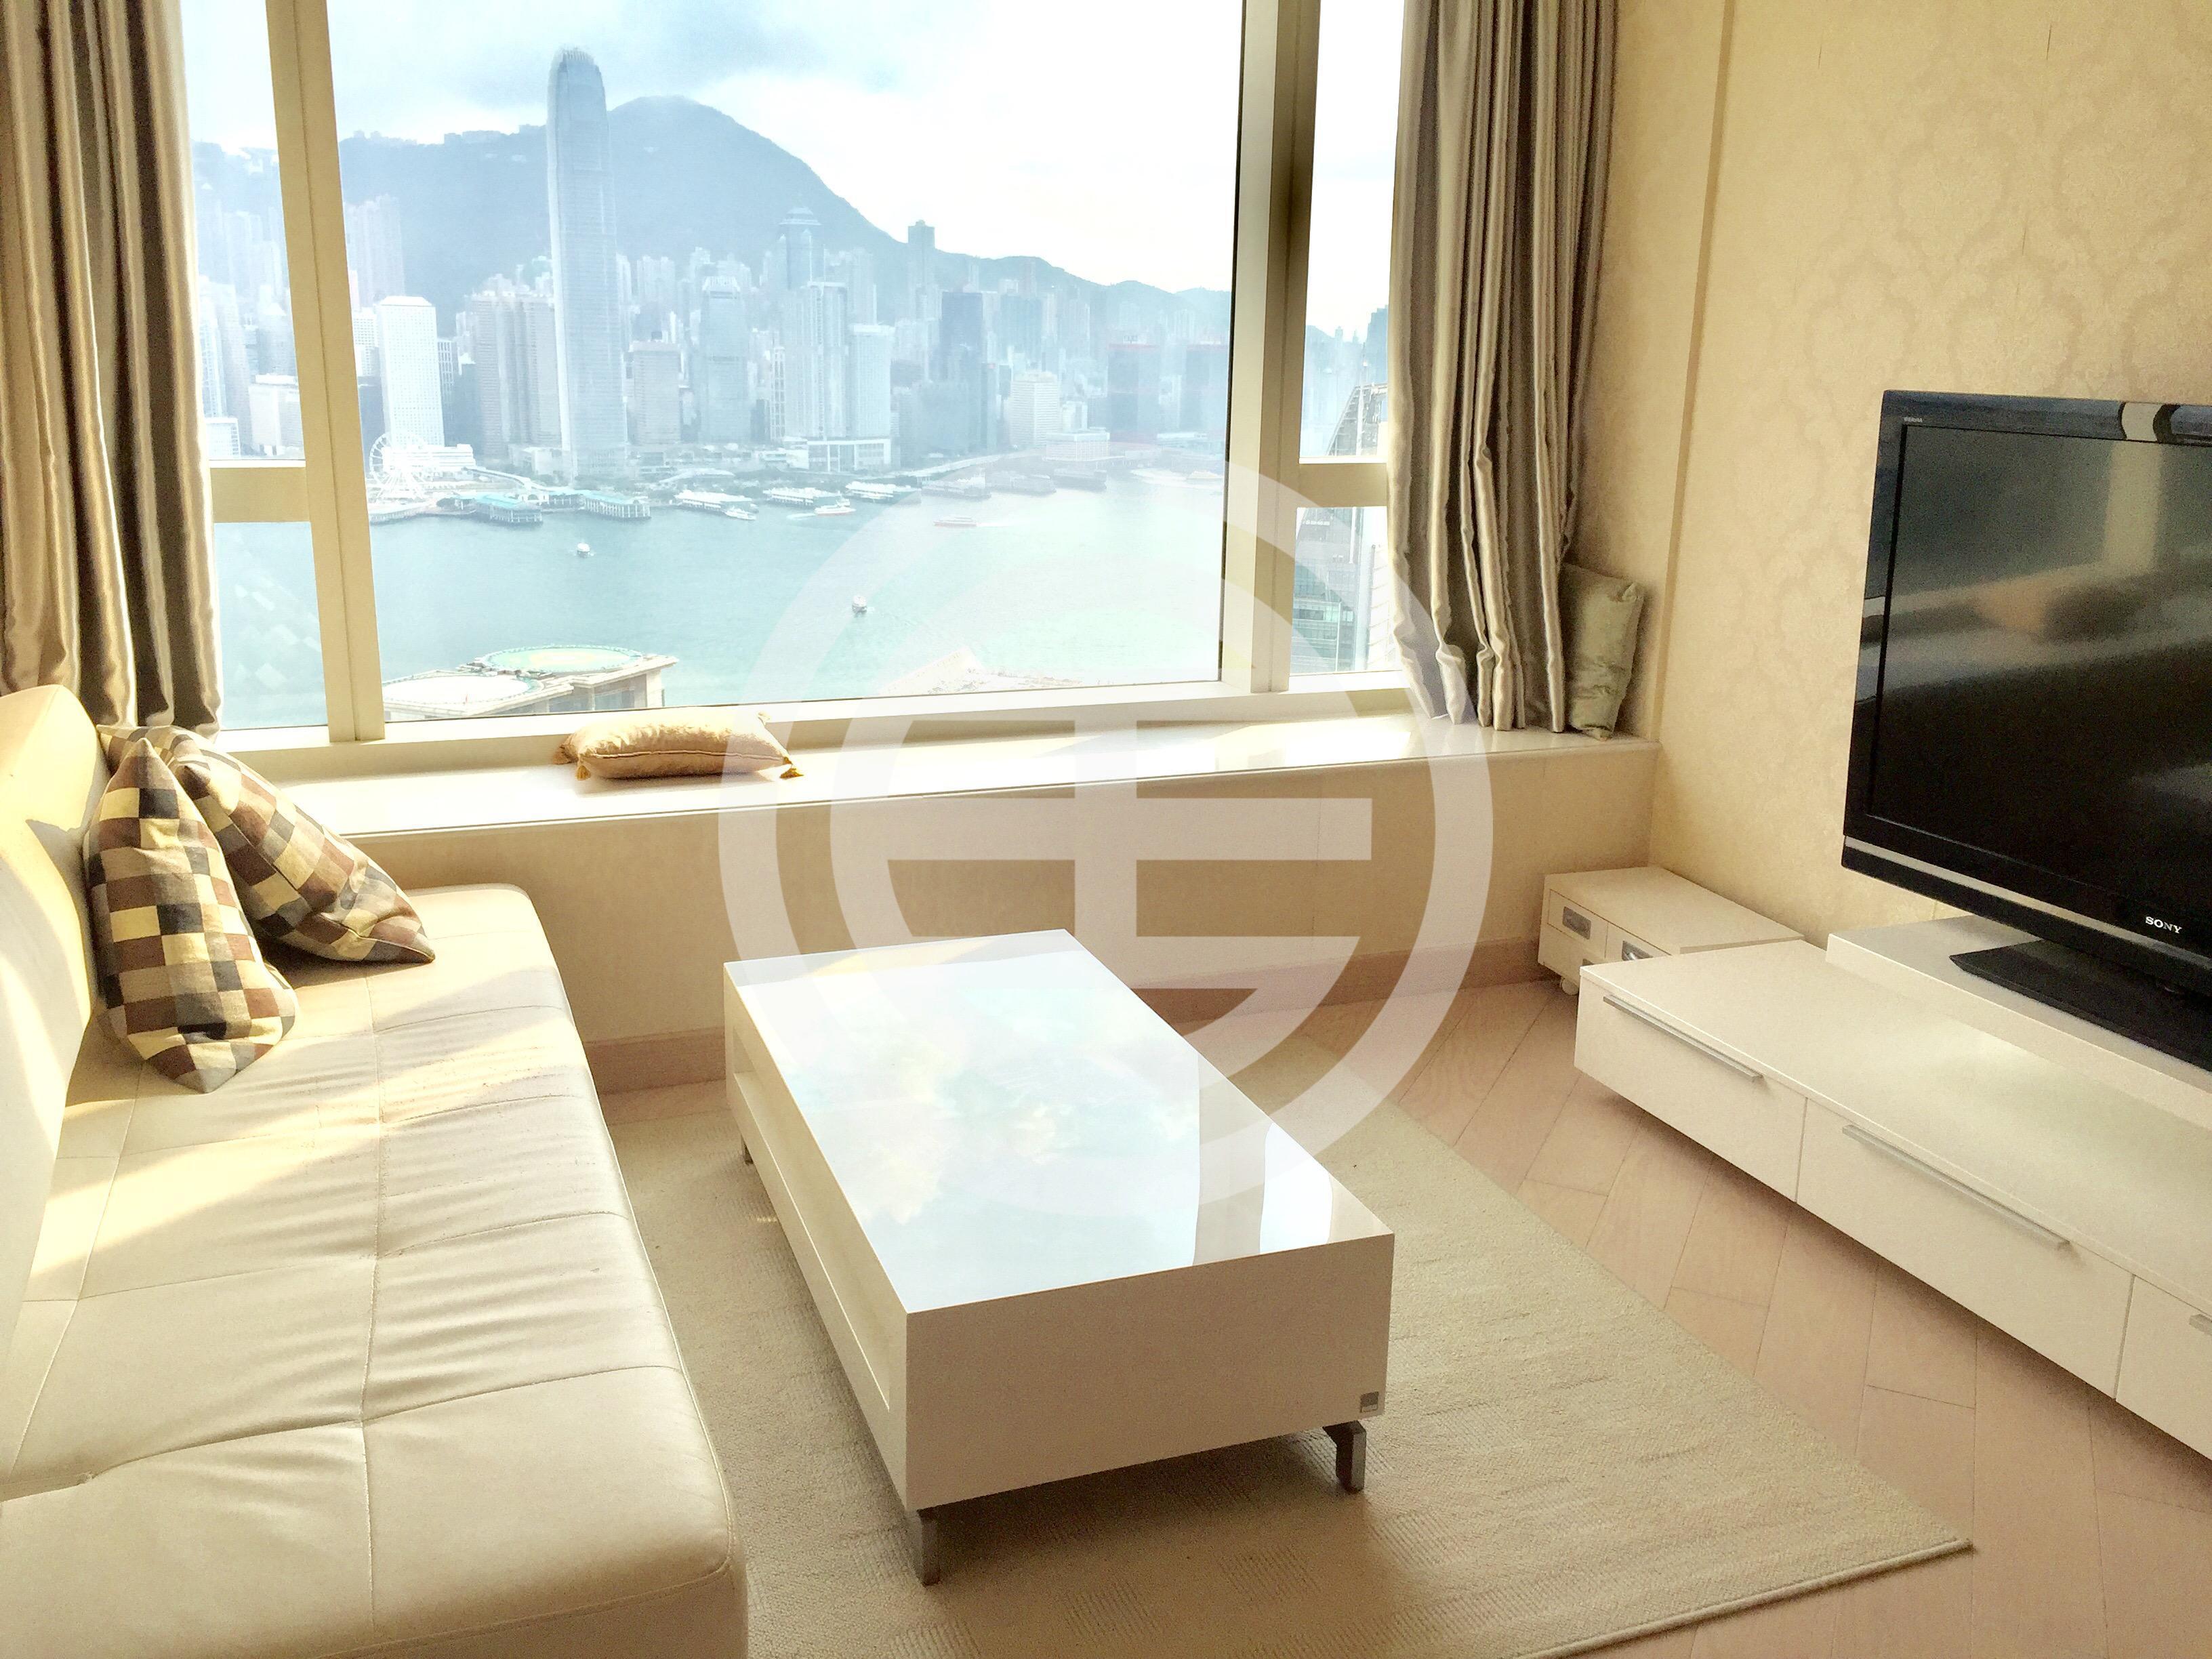 同属九龙区的尖沙咀河内道18号高层公寓,实用面积604平方呎,设有一卧一浴,拥有开扬维港景观,家俱配套齐全